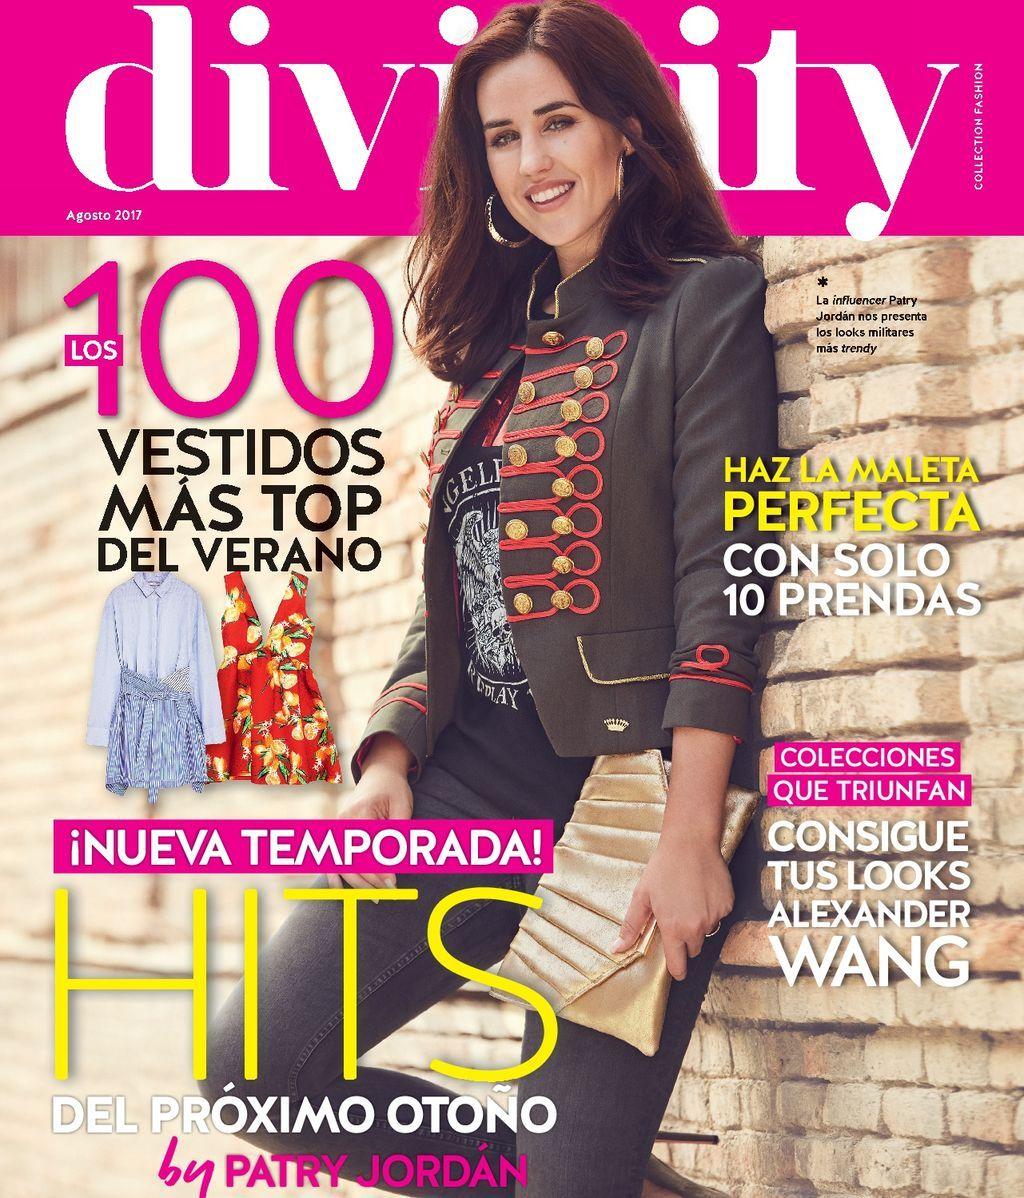 ¡Los vestidos  más top del verano!  Ya en tu quiosco el número de Agosto de la revista Divinity